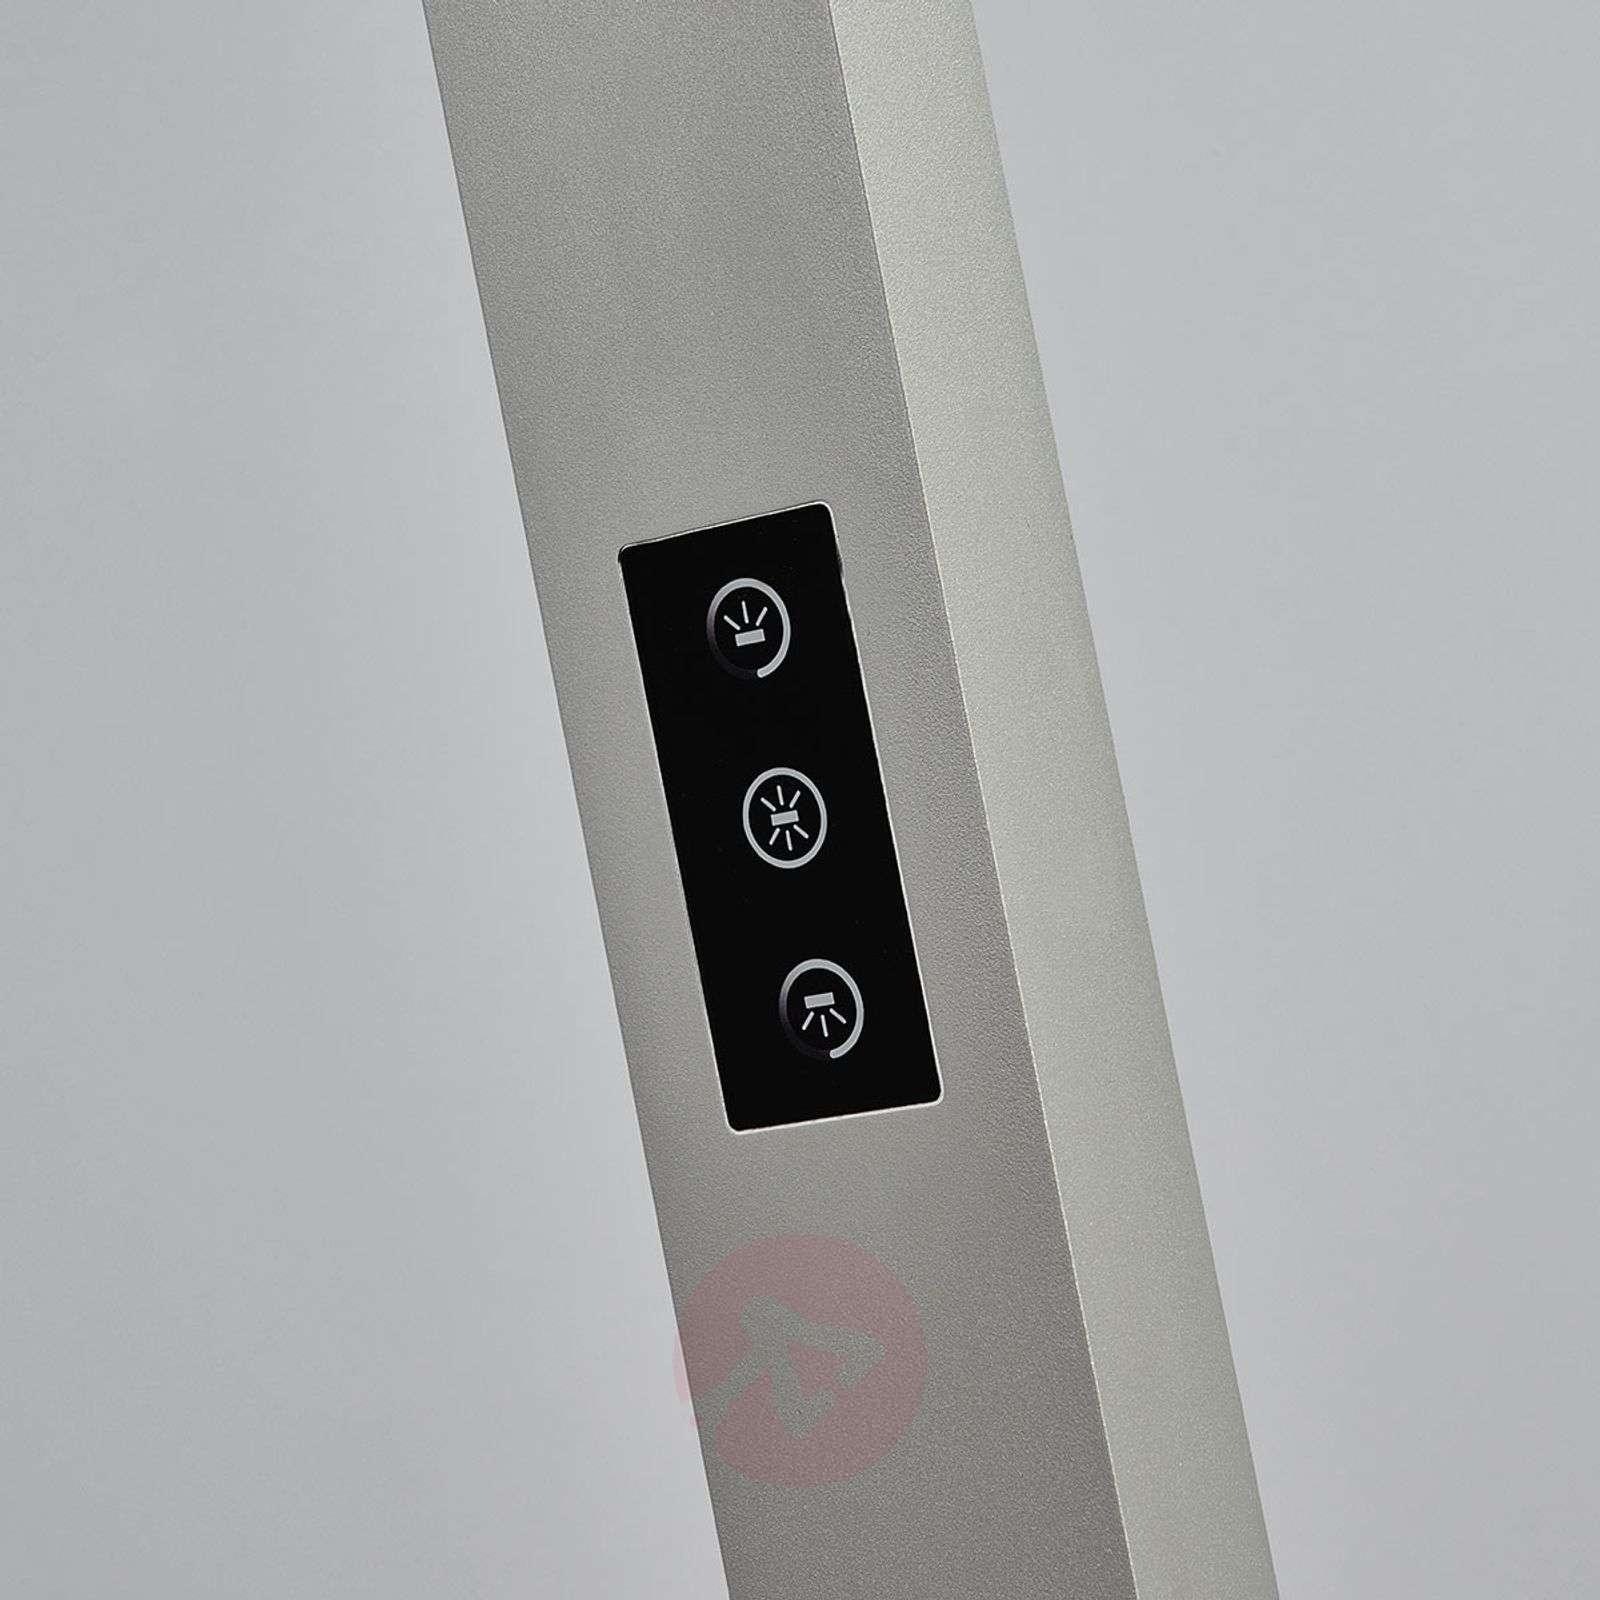 LED-toimistolattiavalaisin Jolinda himmen., hopea-9968020-014